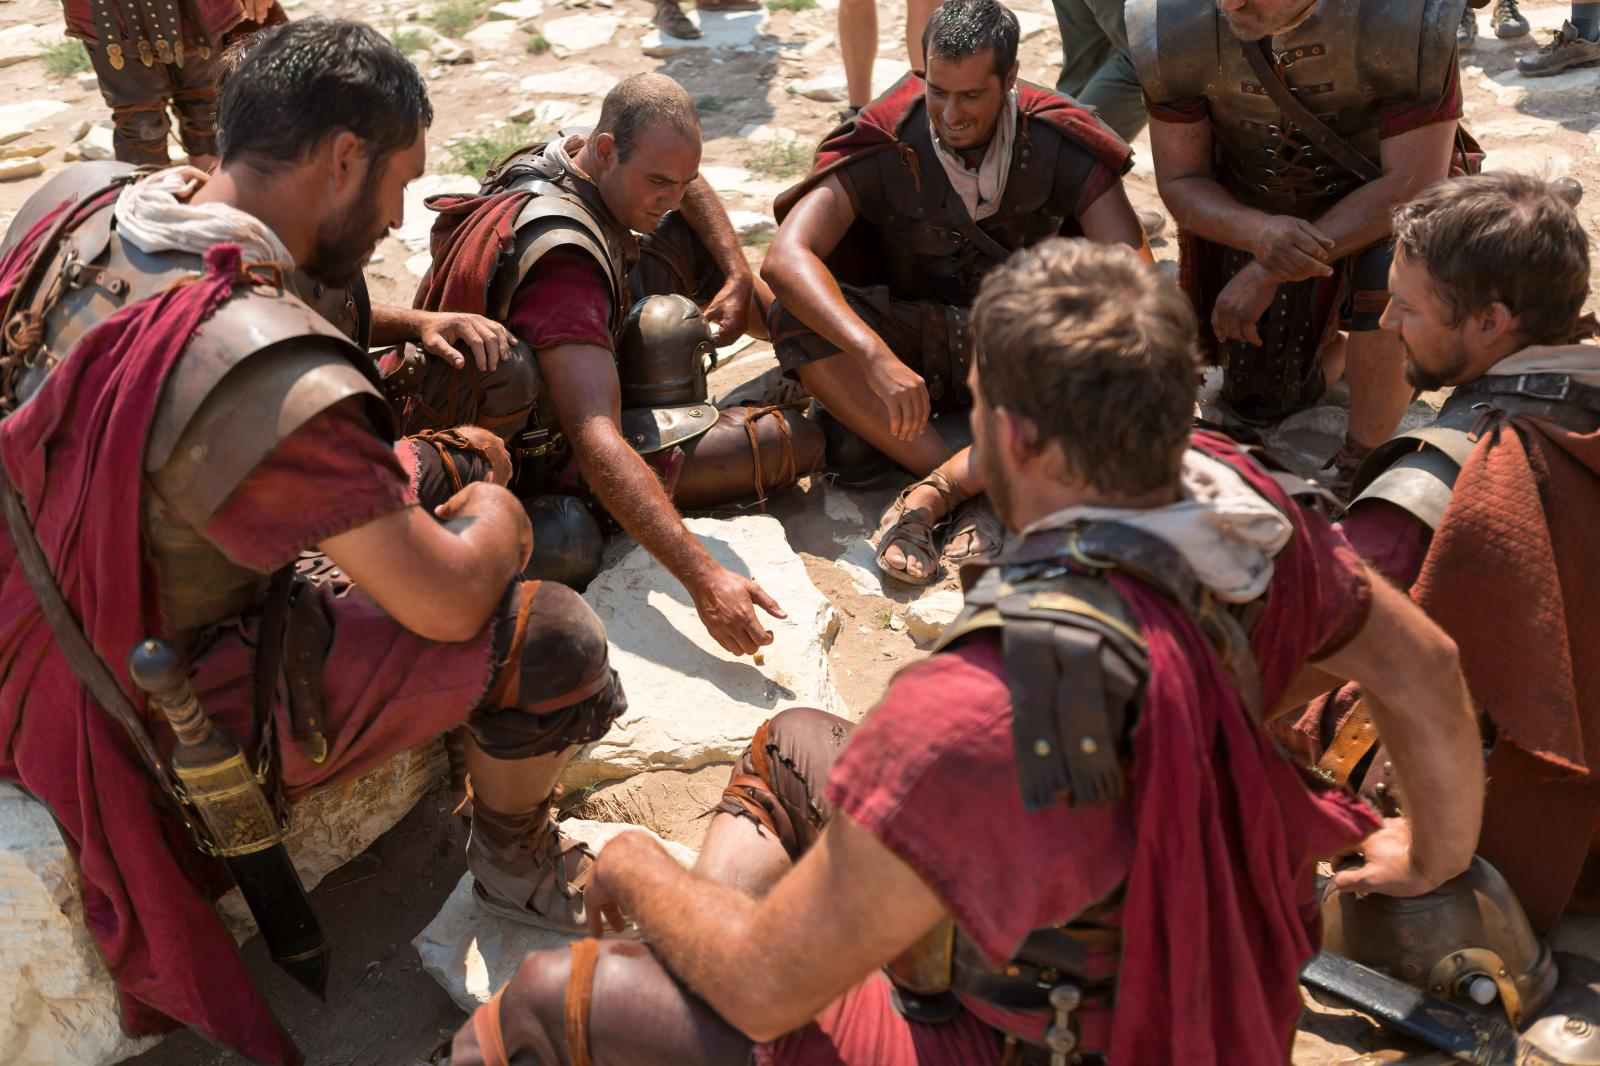 soldados romanos echando suertes